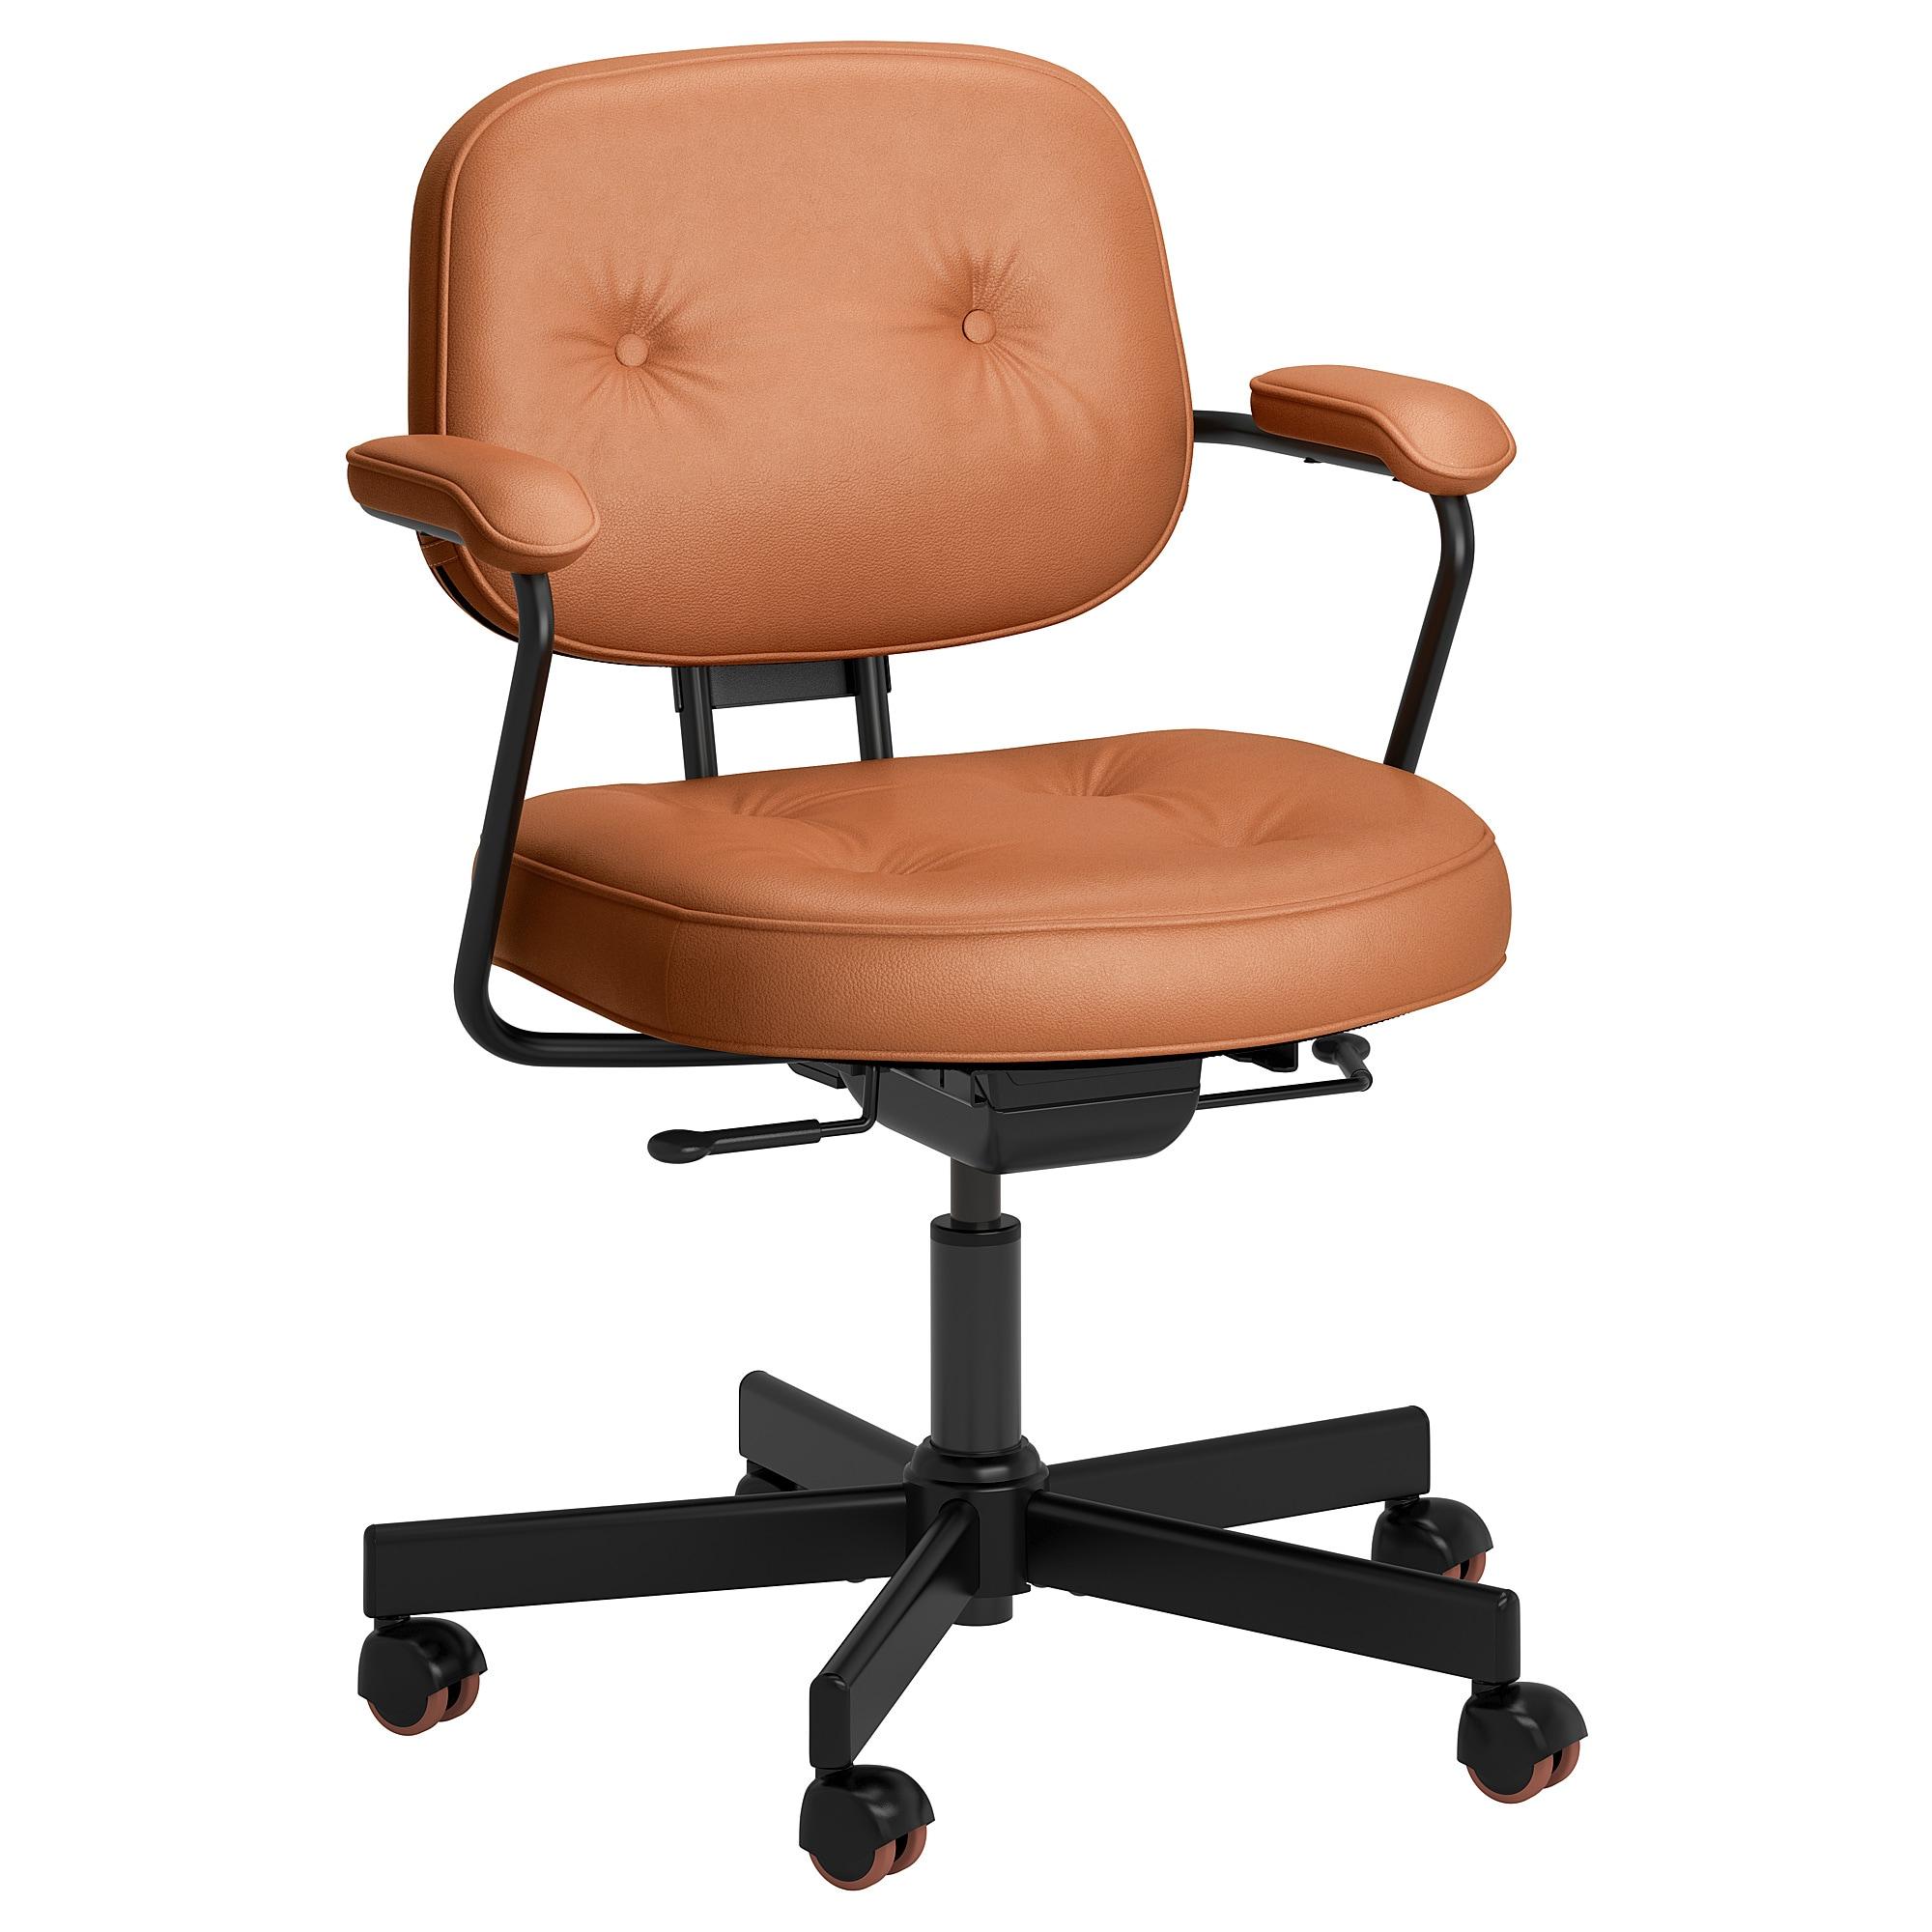 Silla De Oficina Ikea Mndw Sillas De Oficina Y Sillas De Trabajo Pra Online Ikea